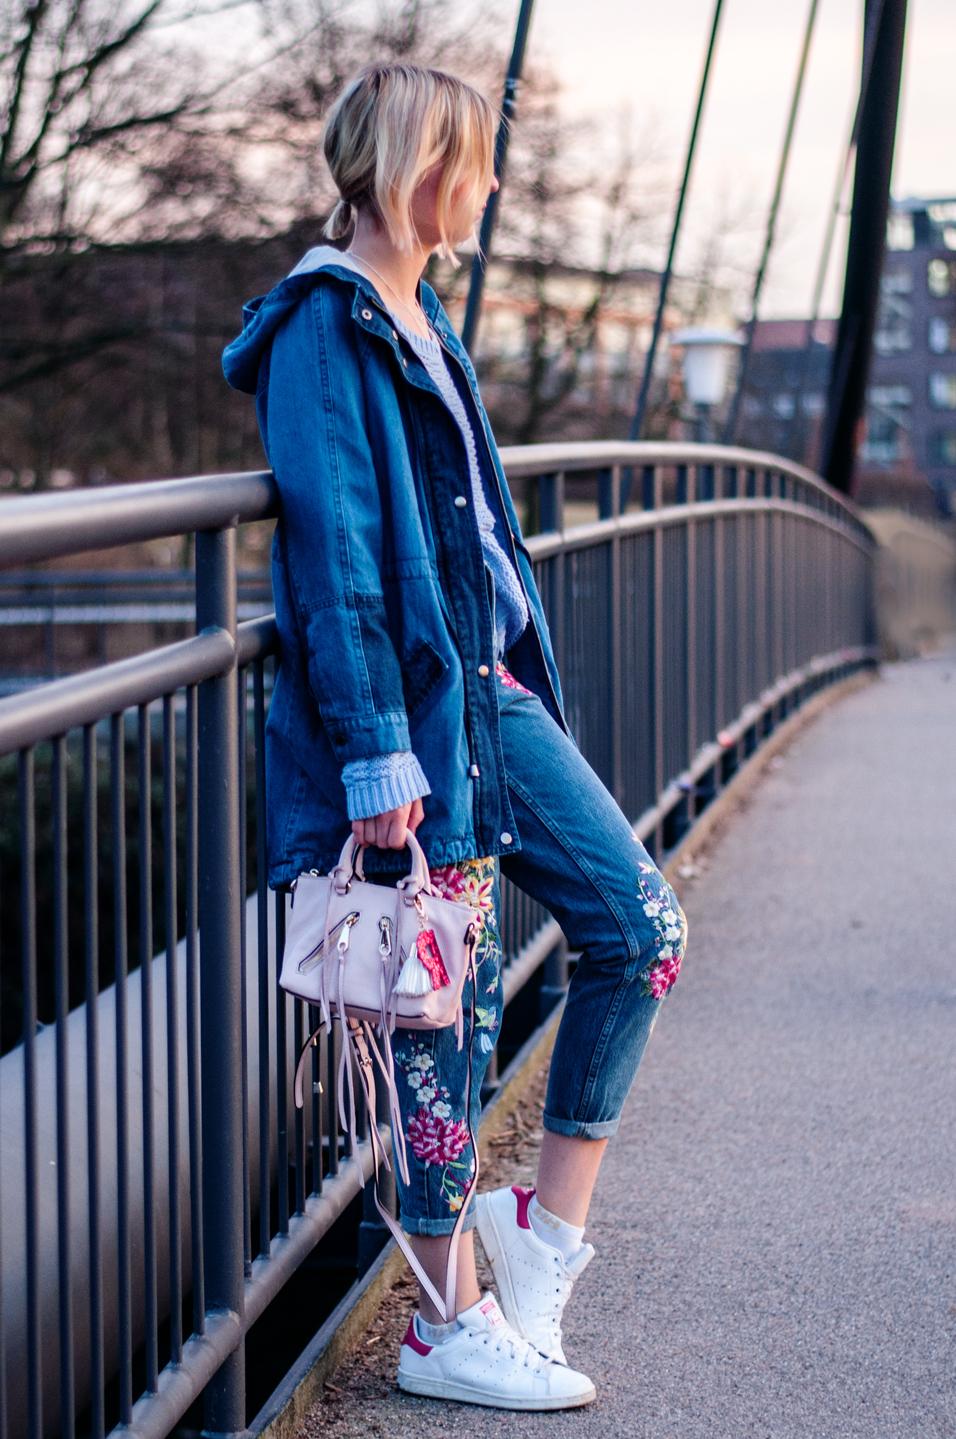 rosa Tasche kombinieren